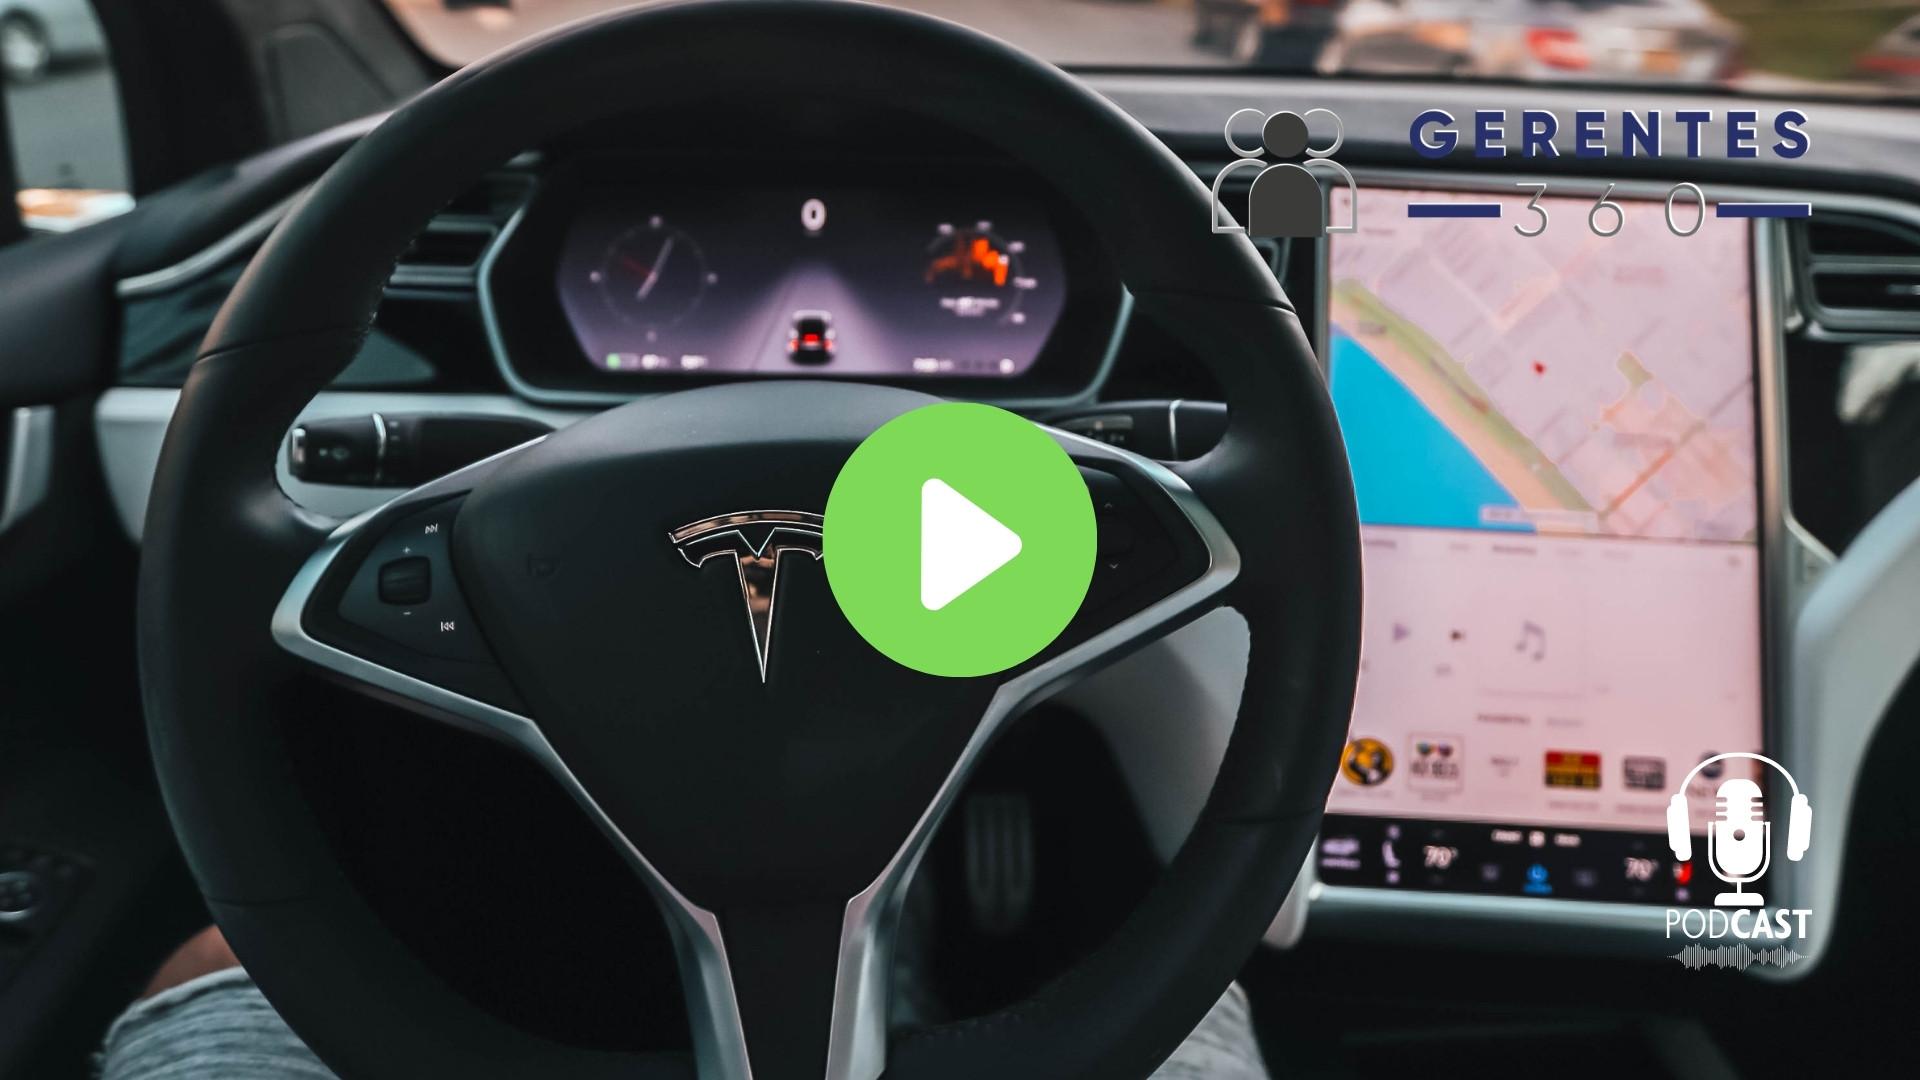 Estados Unidos donaría 500 millones de vacunas Pfizer y Tesla recibe recomendaciones para mejorar la seguridad en su sistema de conducción autónoma